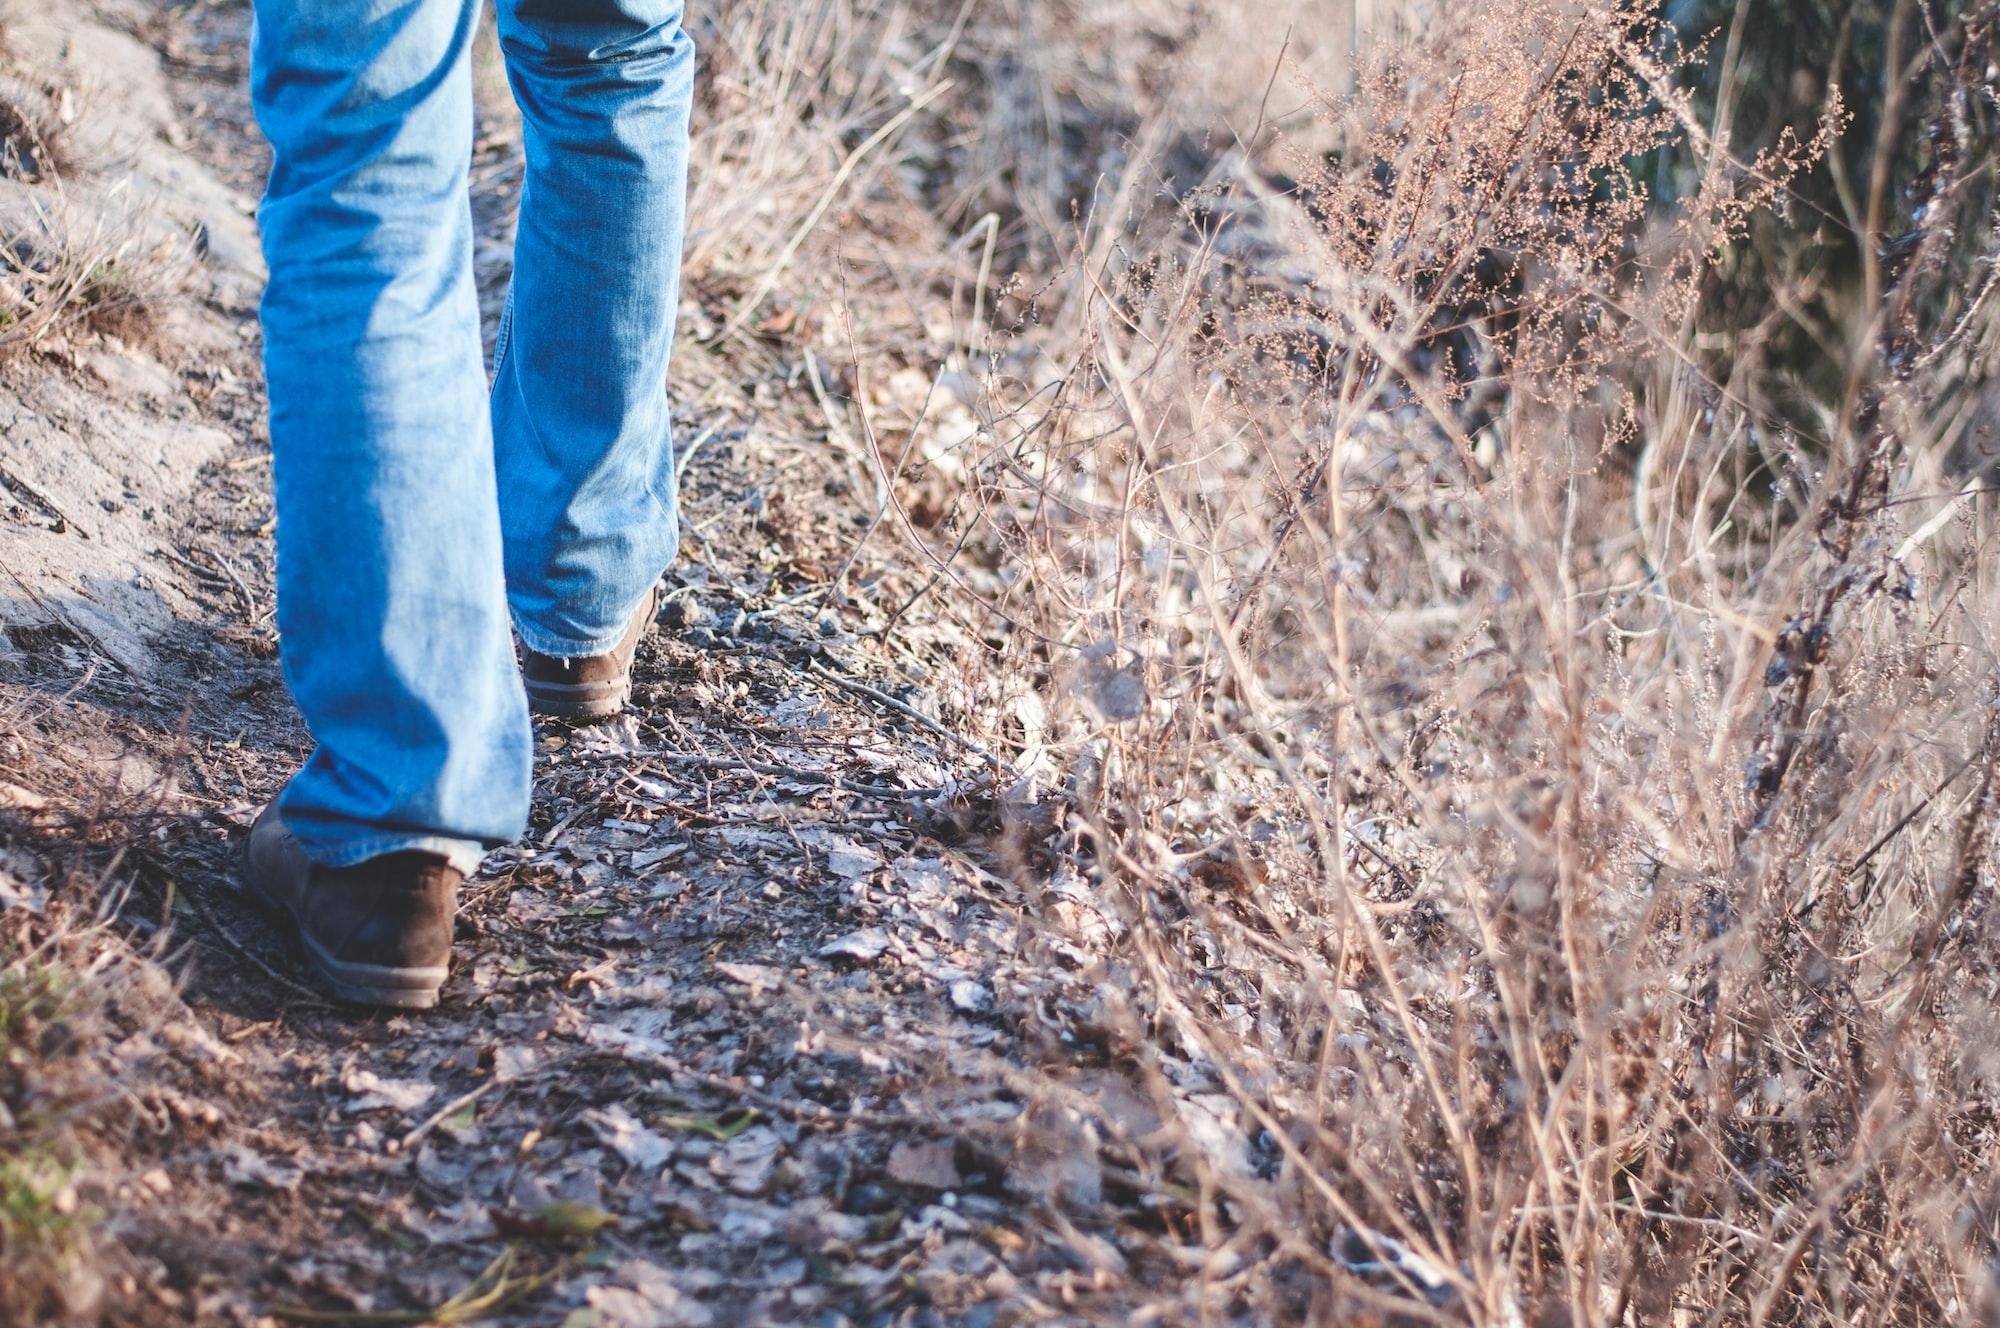 澳洲打工度假,找工作焦慮該怎麼辦? 一次公園散步改變我的思路